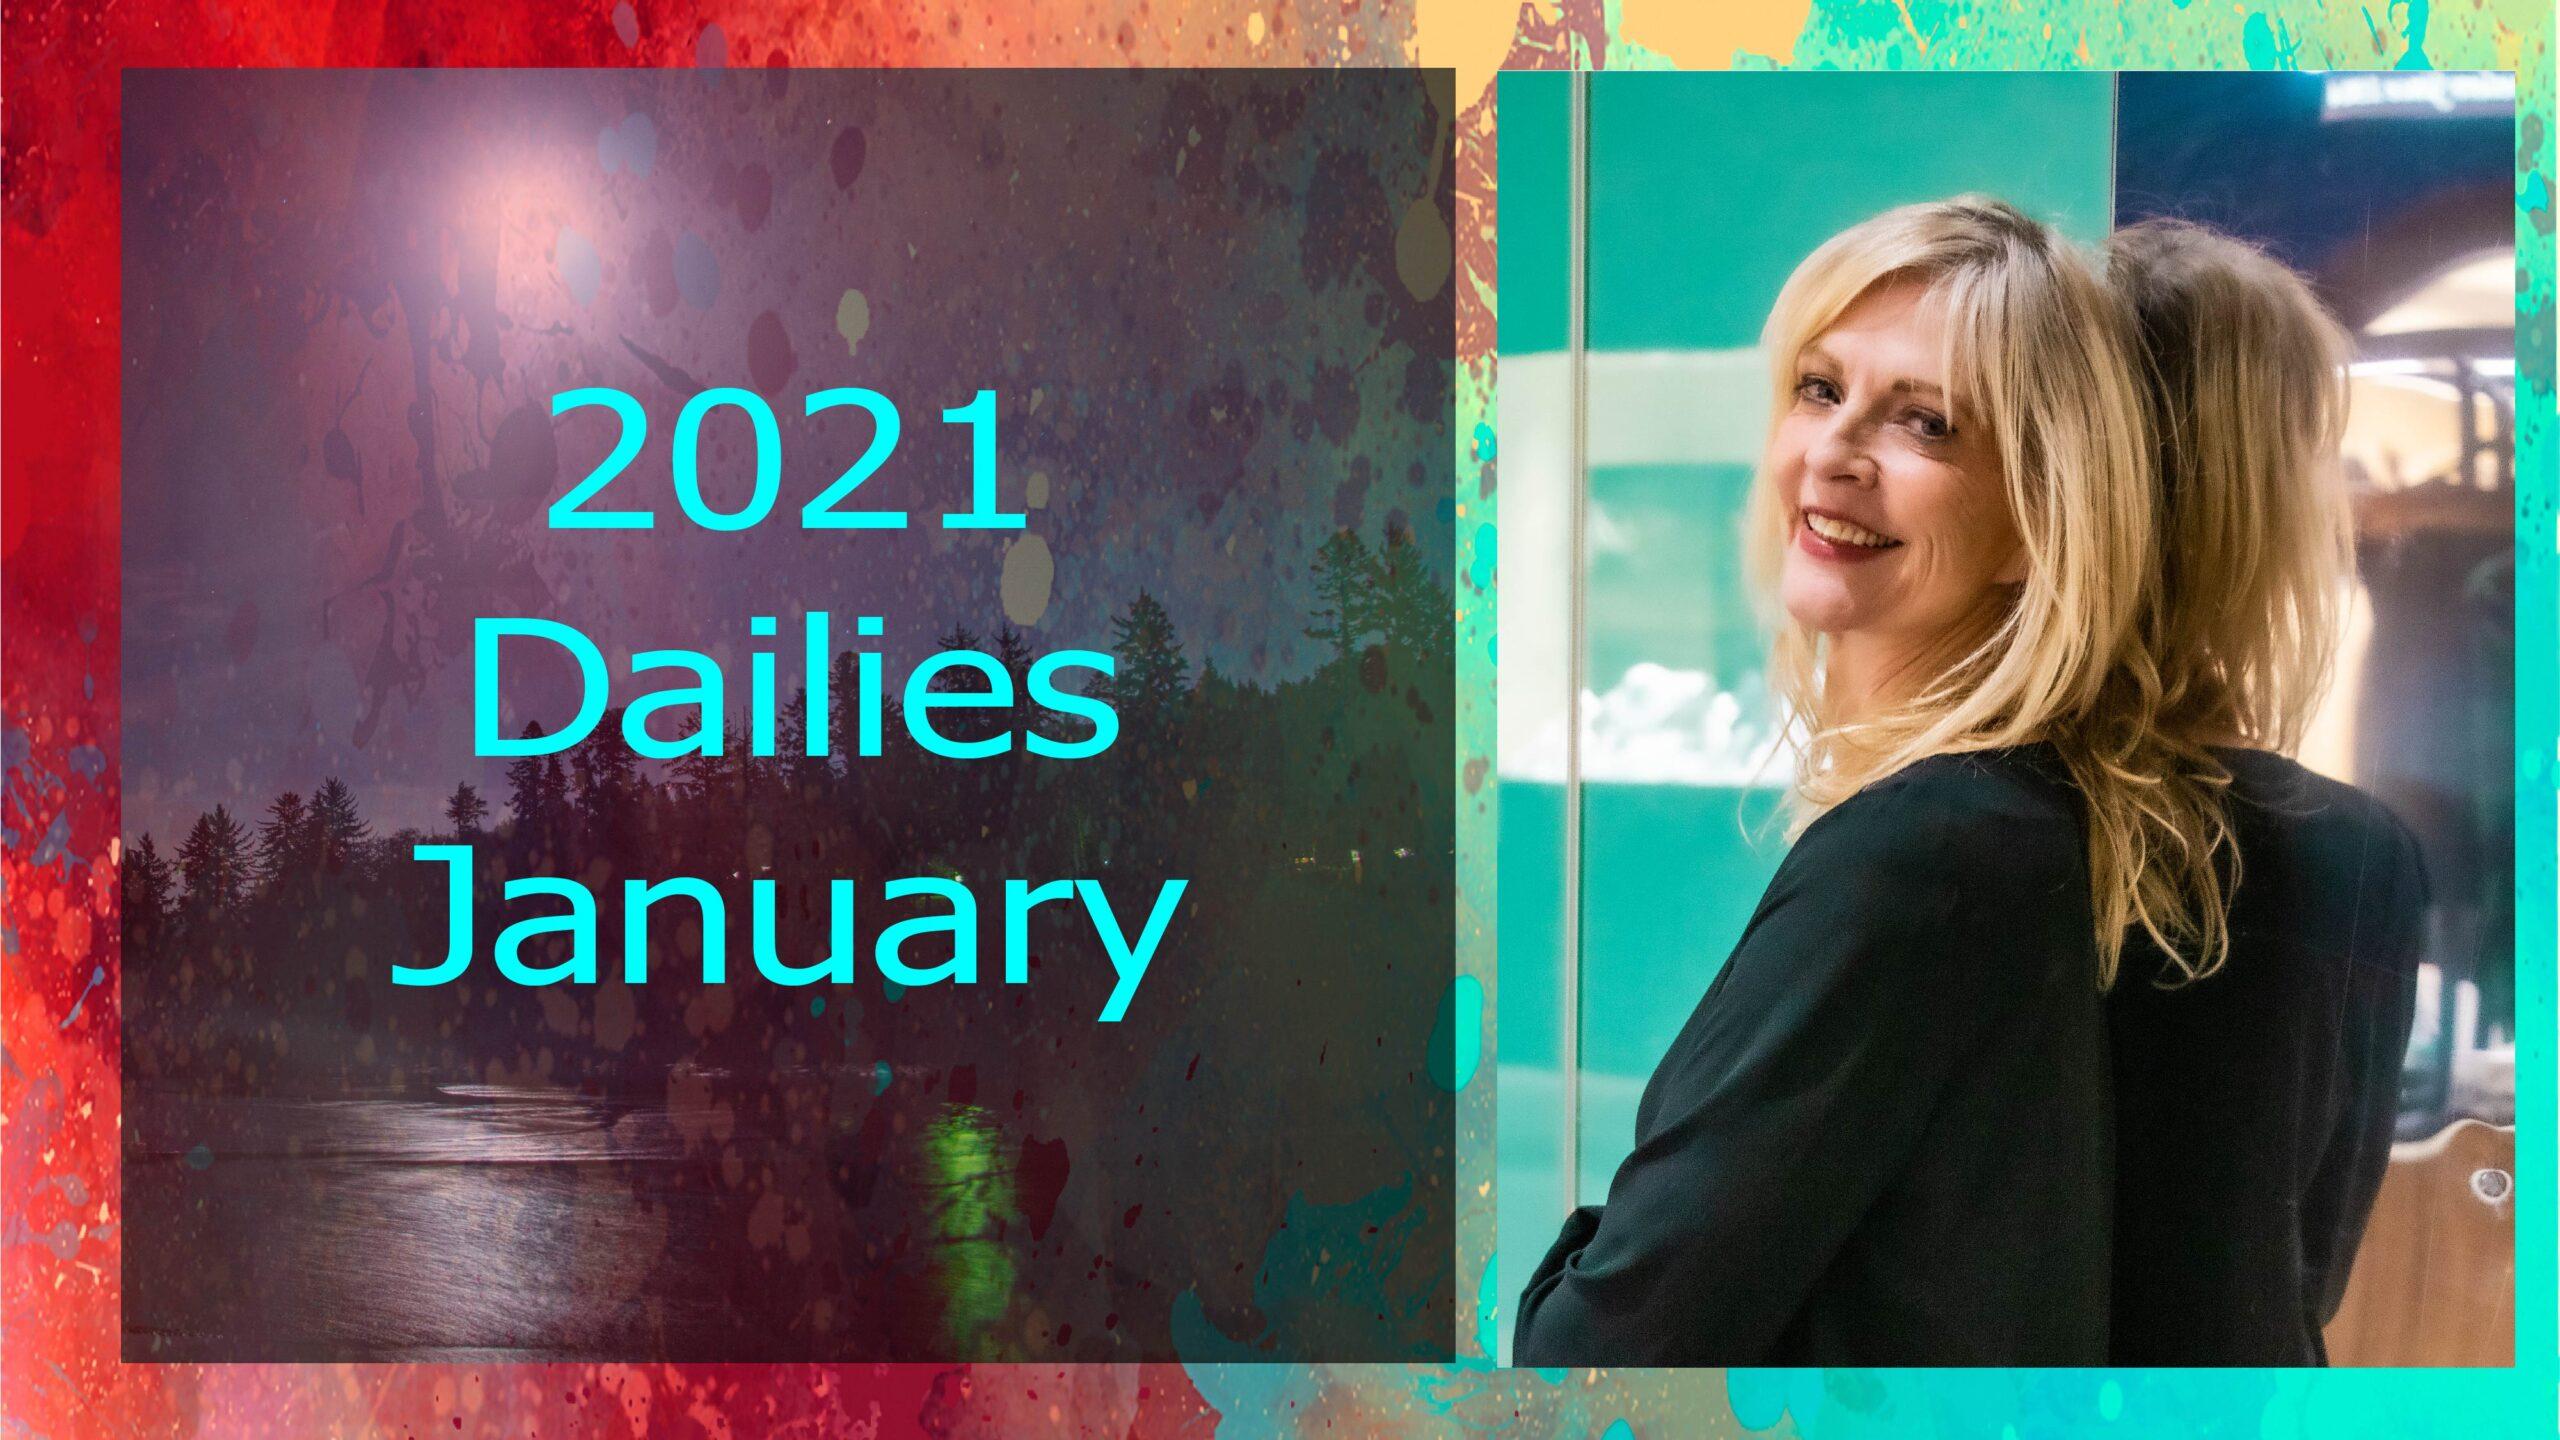 Jan 2021 Dailies